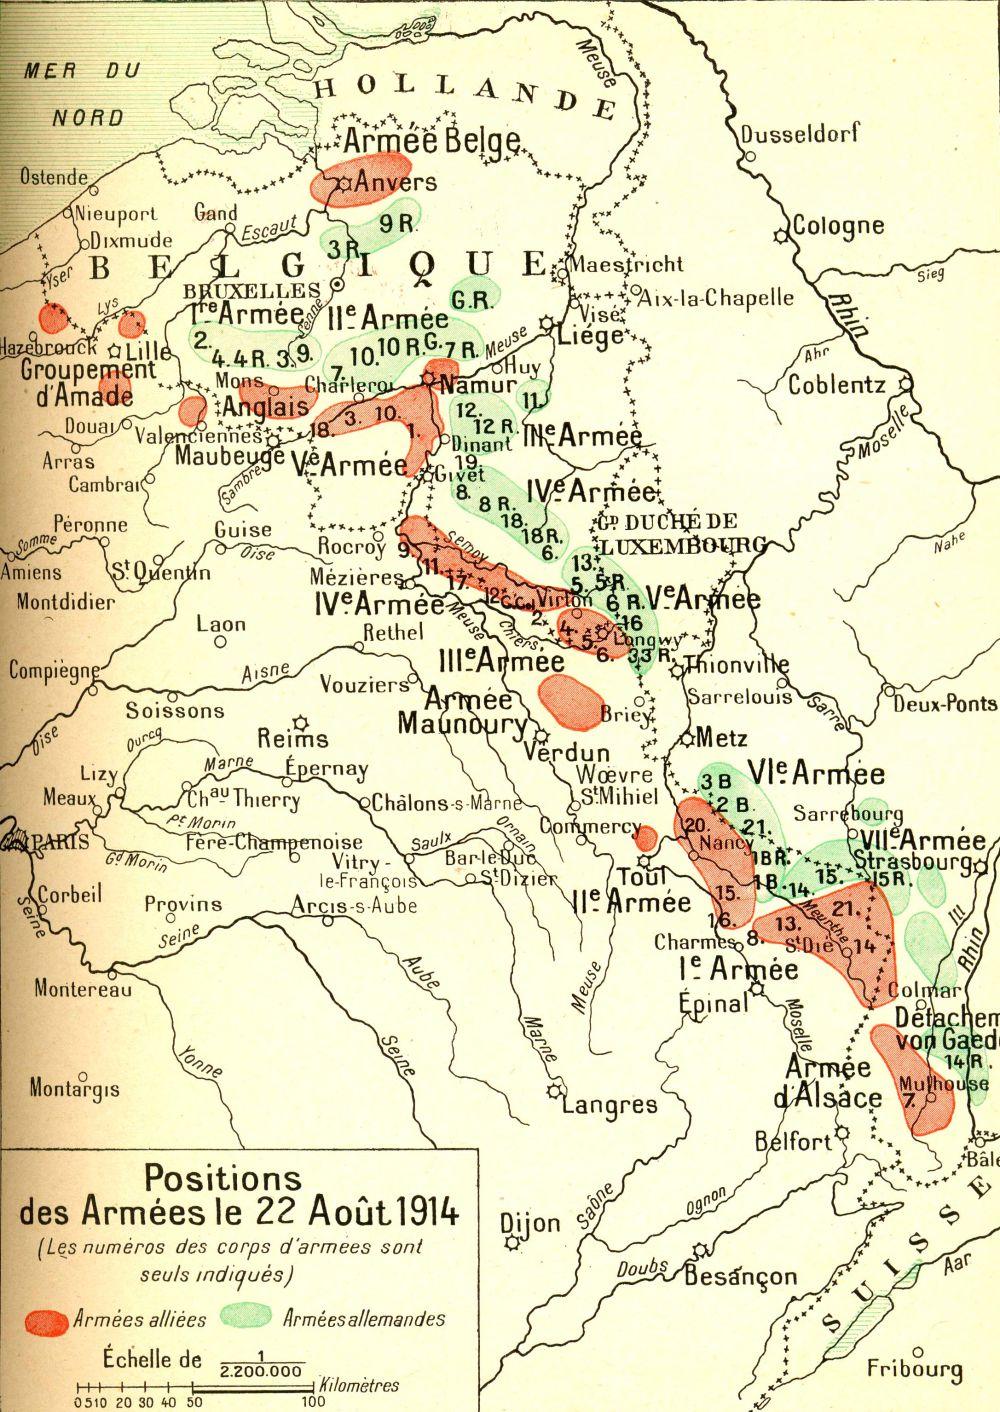 Ensemble du front ouest le 22 août 1914 : les différentes armées alliées et allemandes ; Charleroi, en haut à gauche, l'ouest de Namur (site 1914ancien)